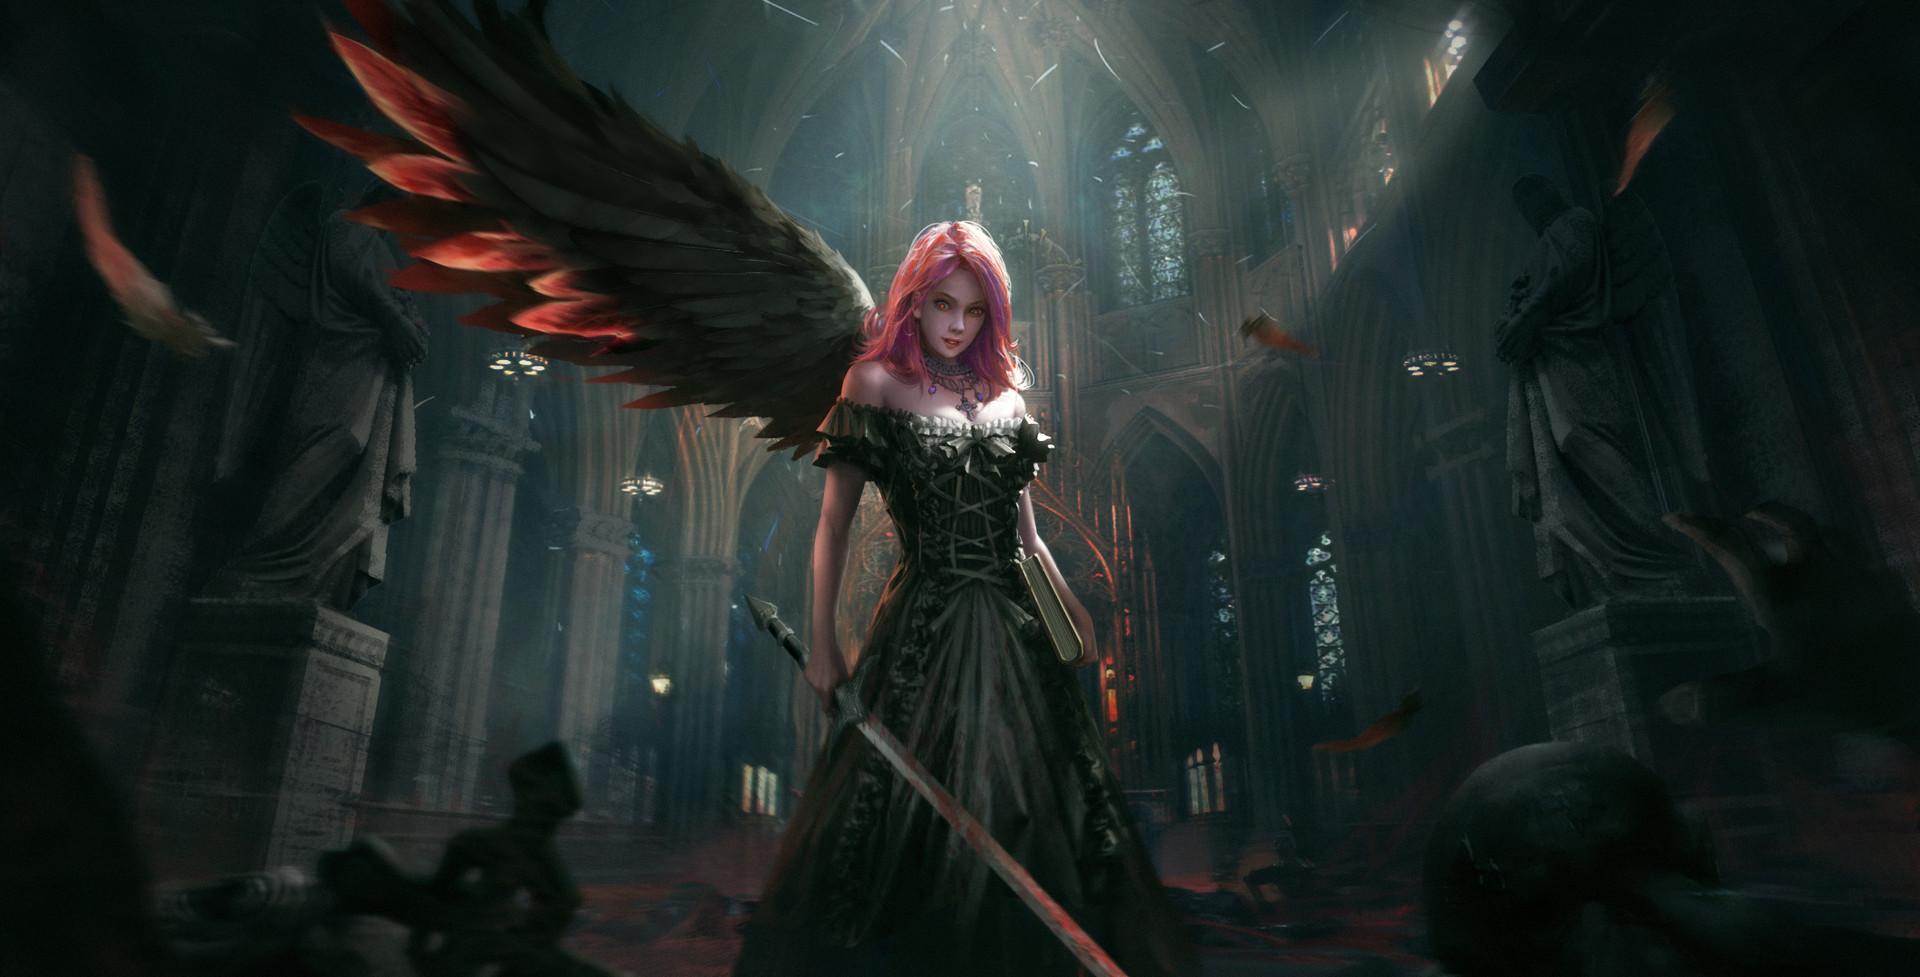 Fantasy Dark Angel Girl - HD Wallpaper